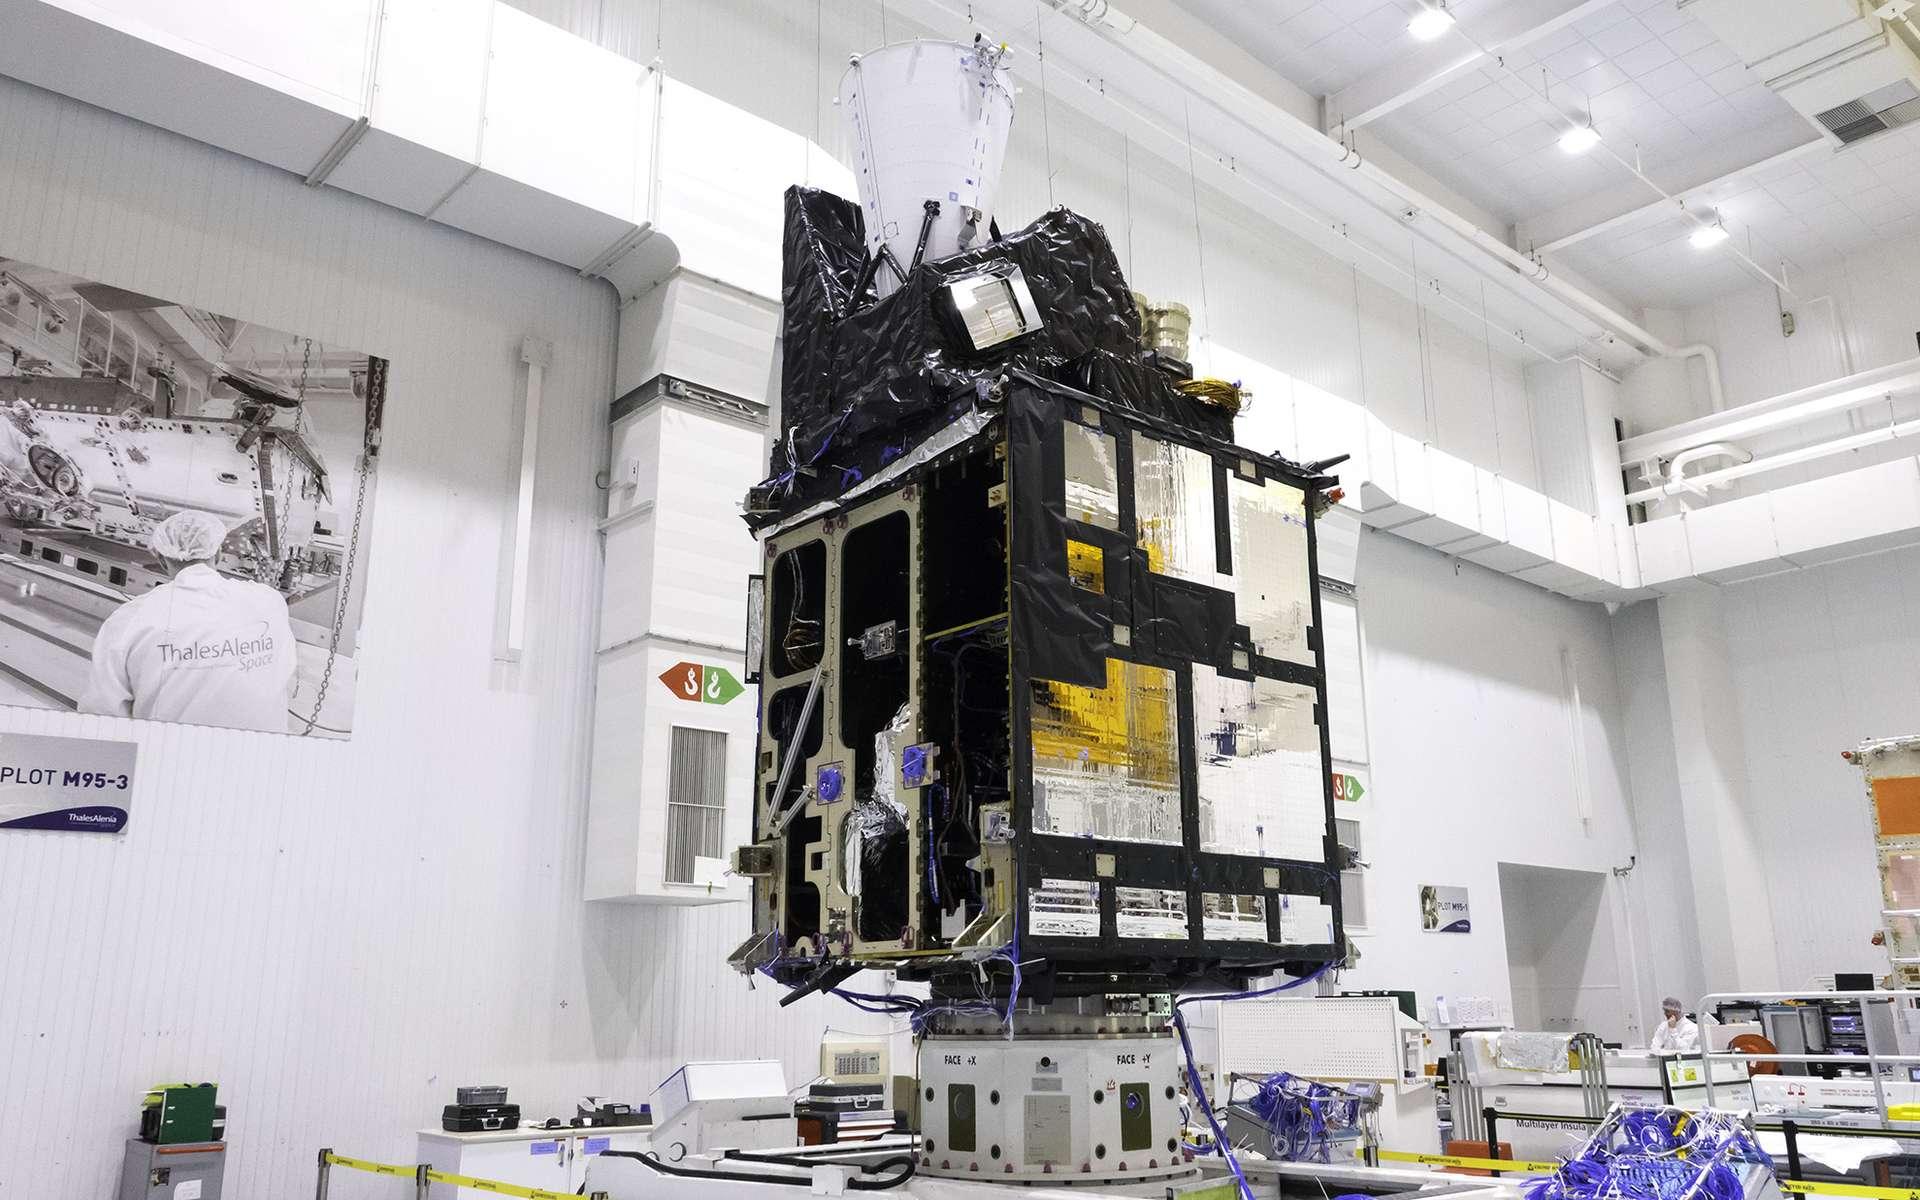 Le modèle structurel du satellite imageur (MTG-I) de Météosat de troisième génération. Il est ici vu en cours d'intégration dans l'usine cannoise de Thales Alenia Space (juin 2019). © Rémy Decourt